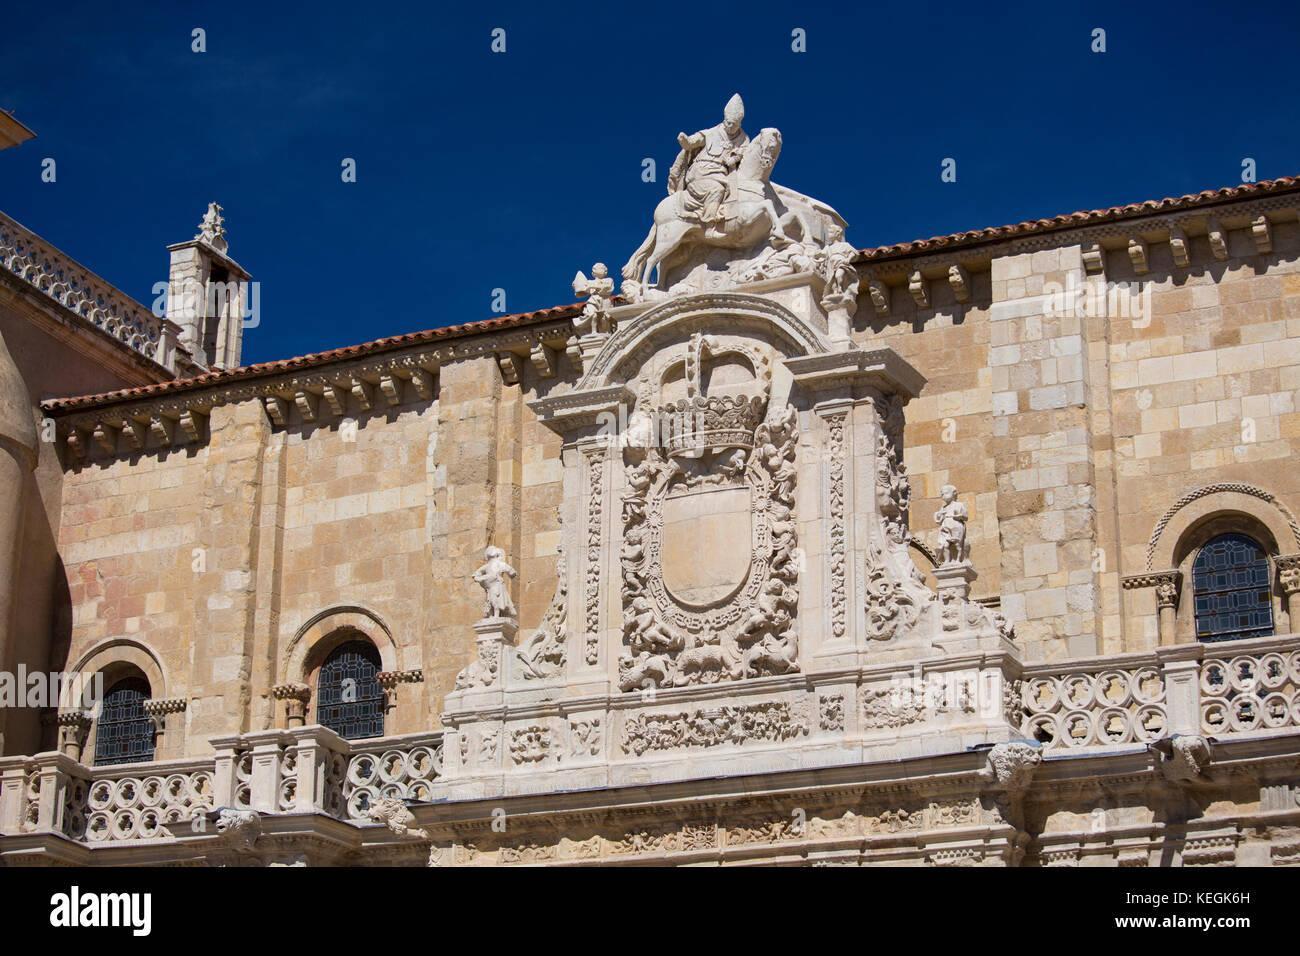 Basilica San Isidoro on the Way of St James pilgrim route Camino de Santiago in Leon, Castilla y Leon, Spain - Stock Image